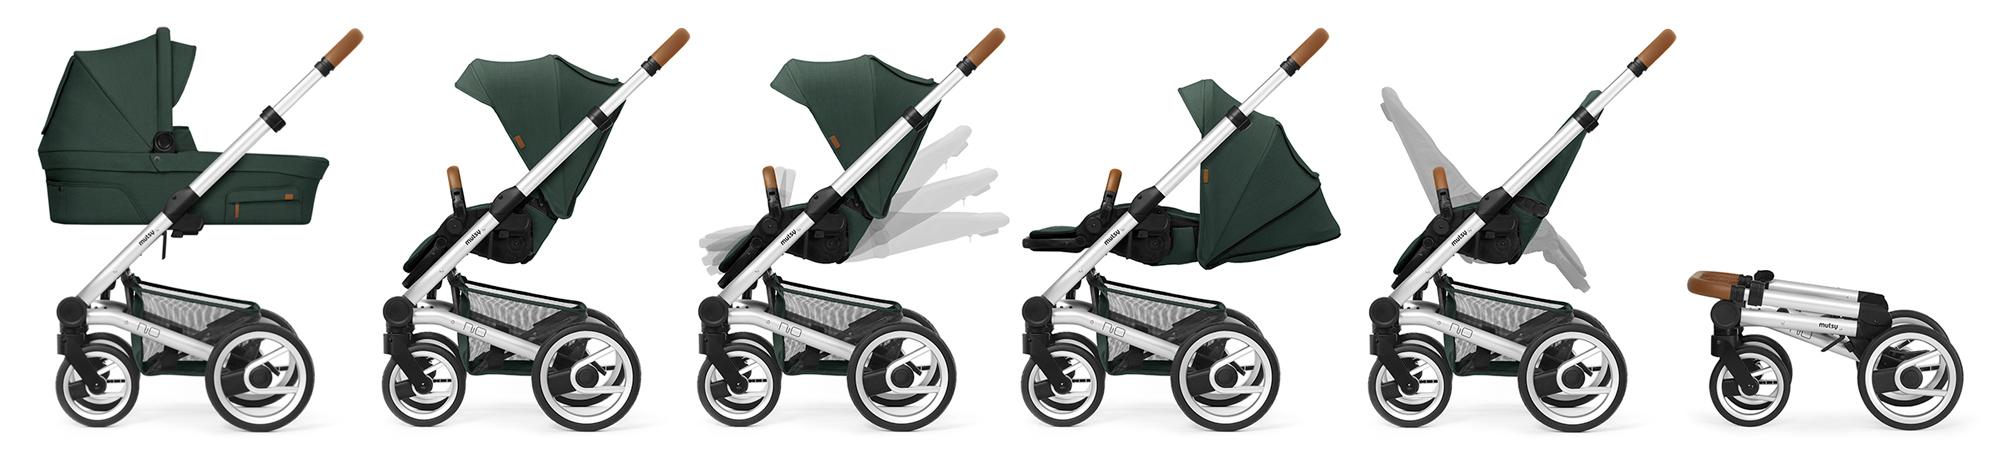 Детски колички Mutsy NIO са леки и маневрени за удобство както на бебето, така и на родителите!